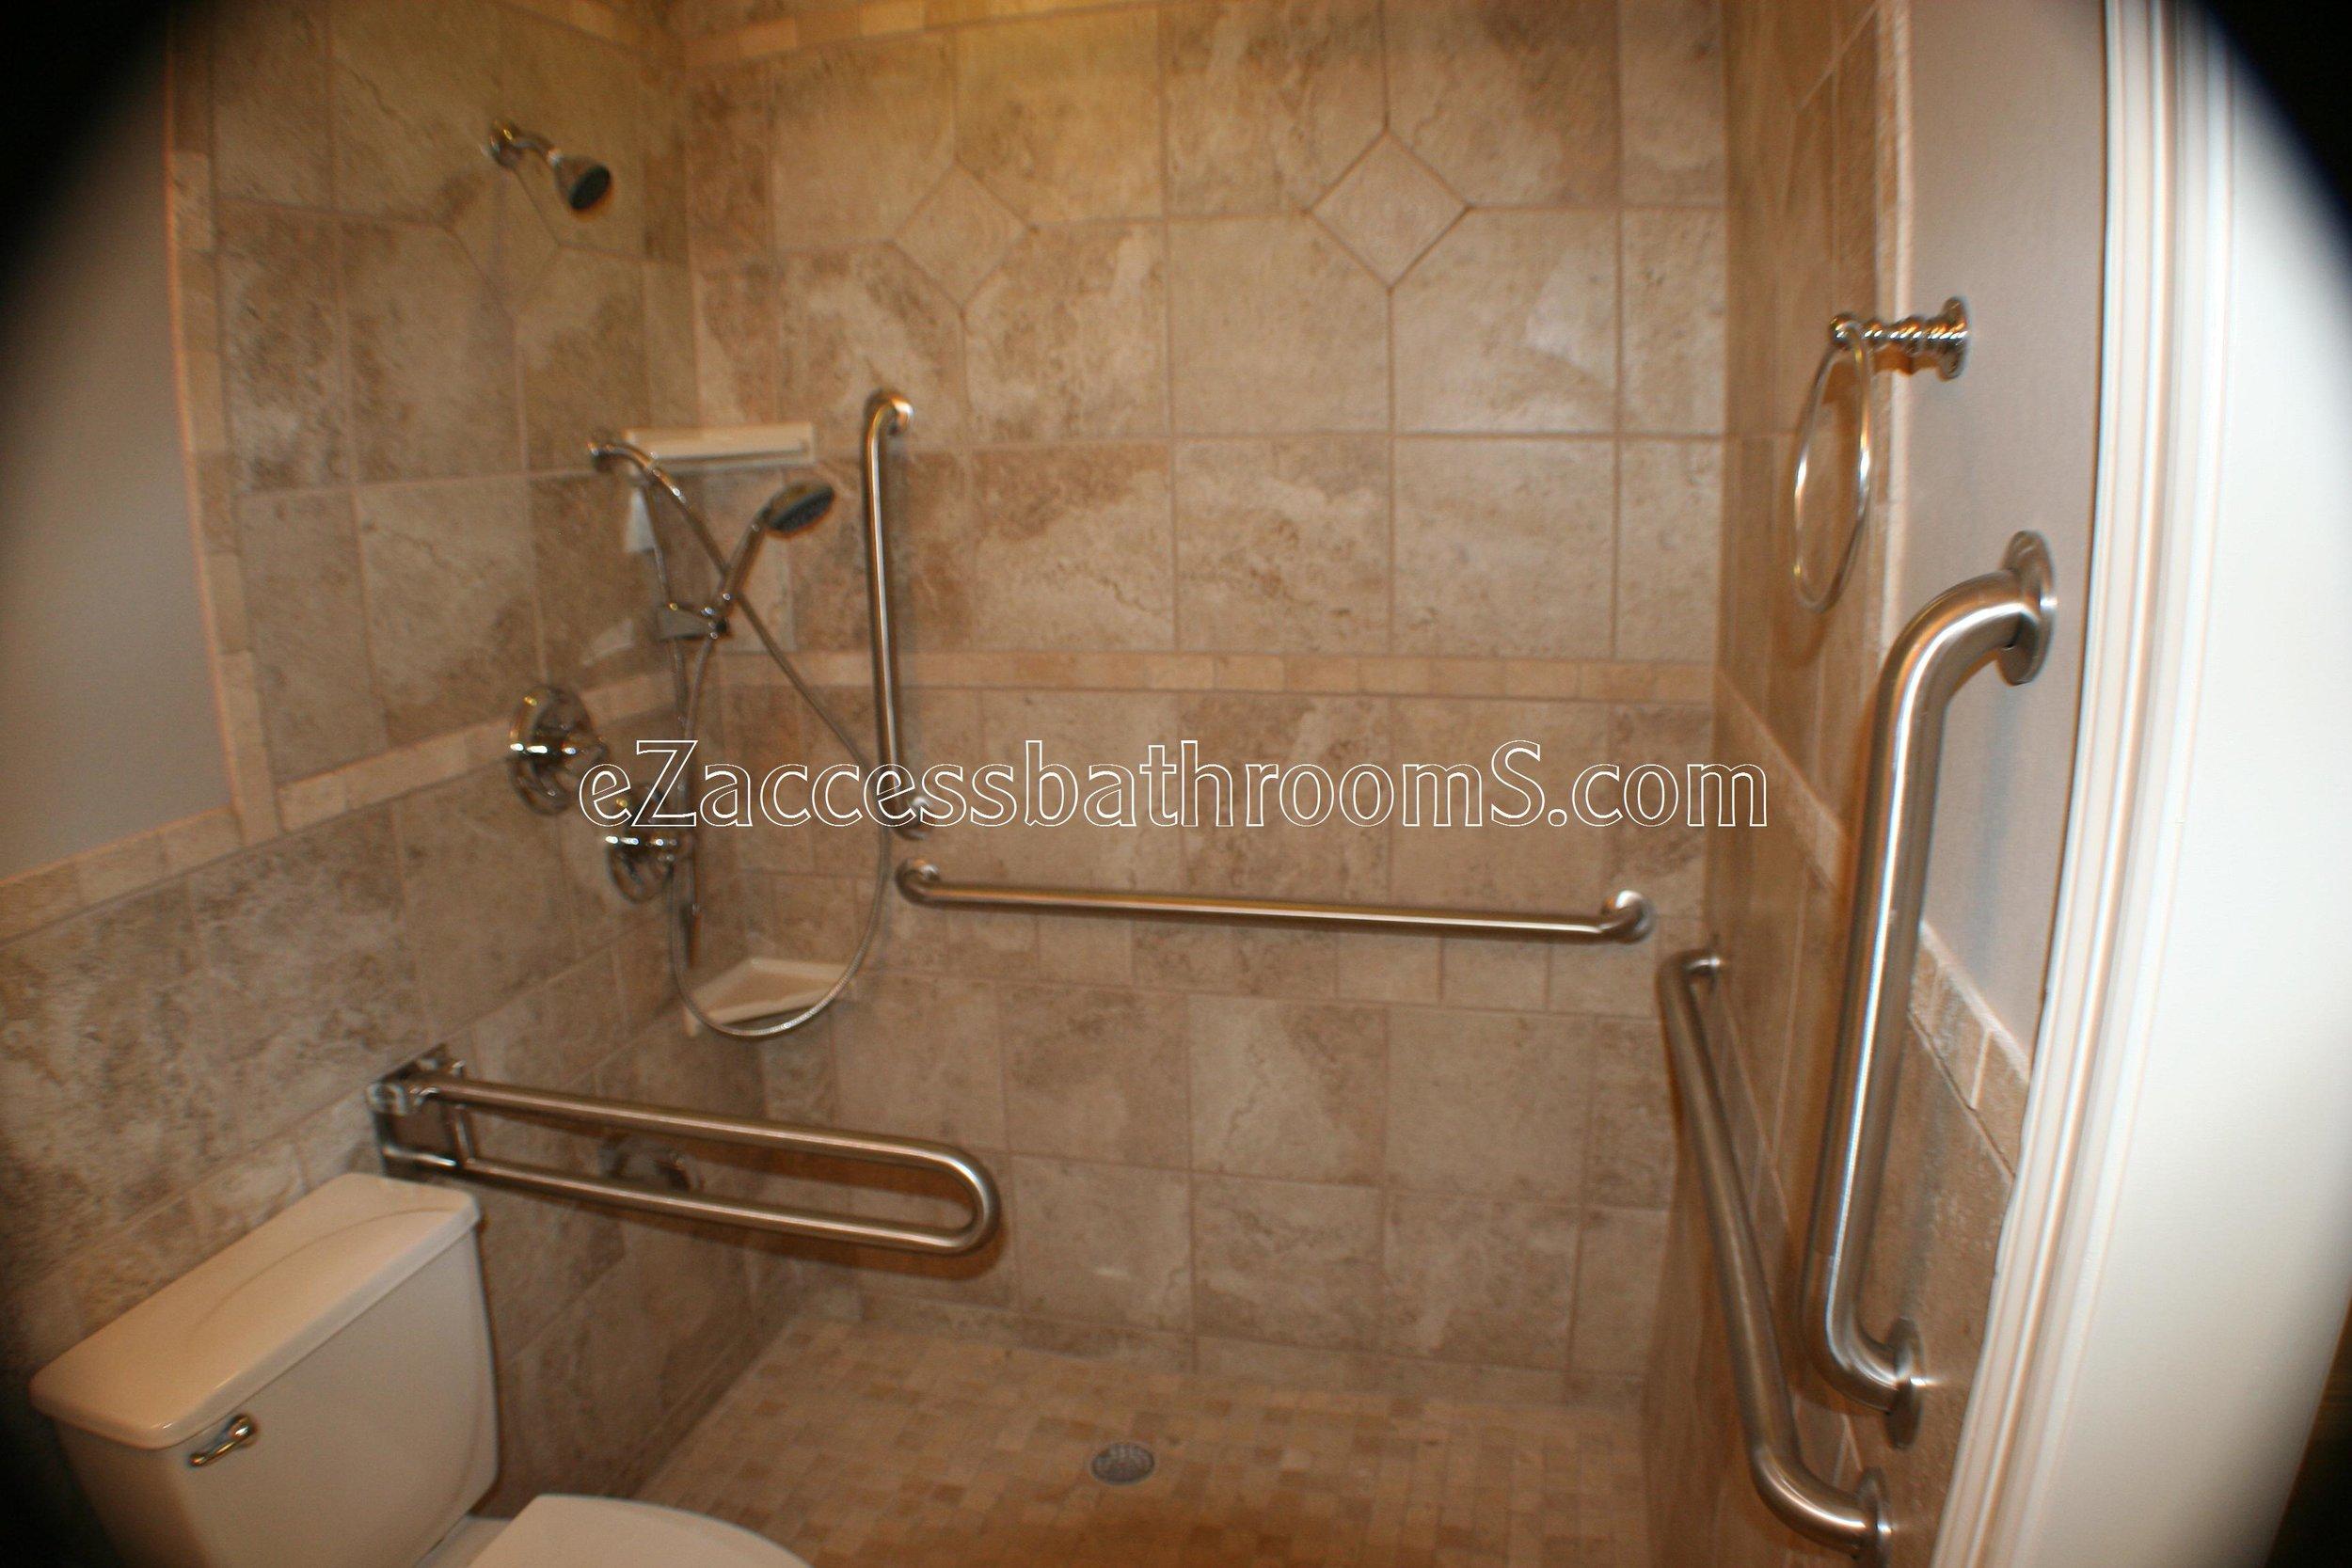 handicap bathroom 01 ezacessbathrooms.com 011.jpg